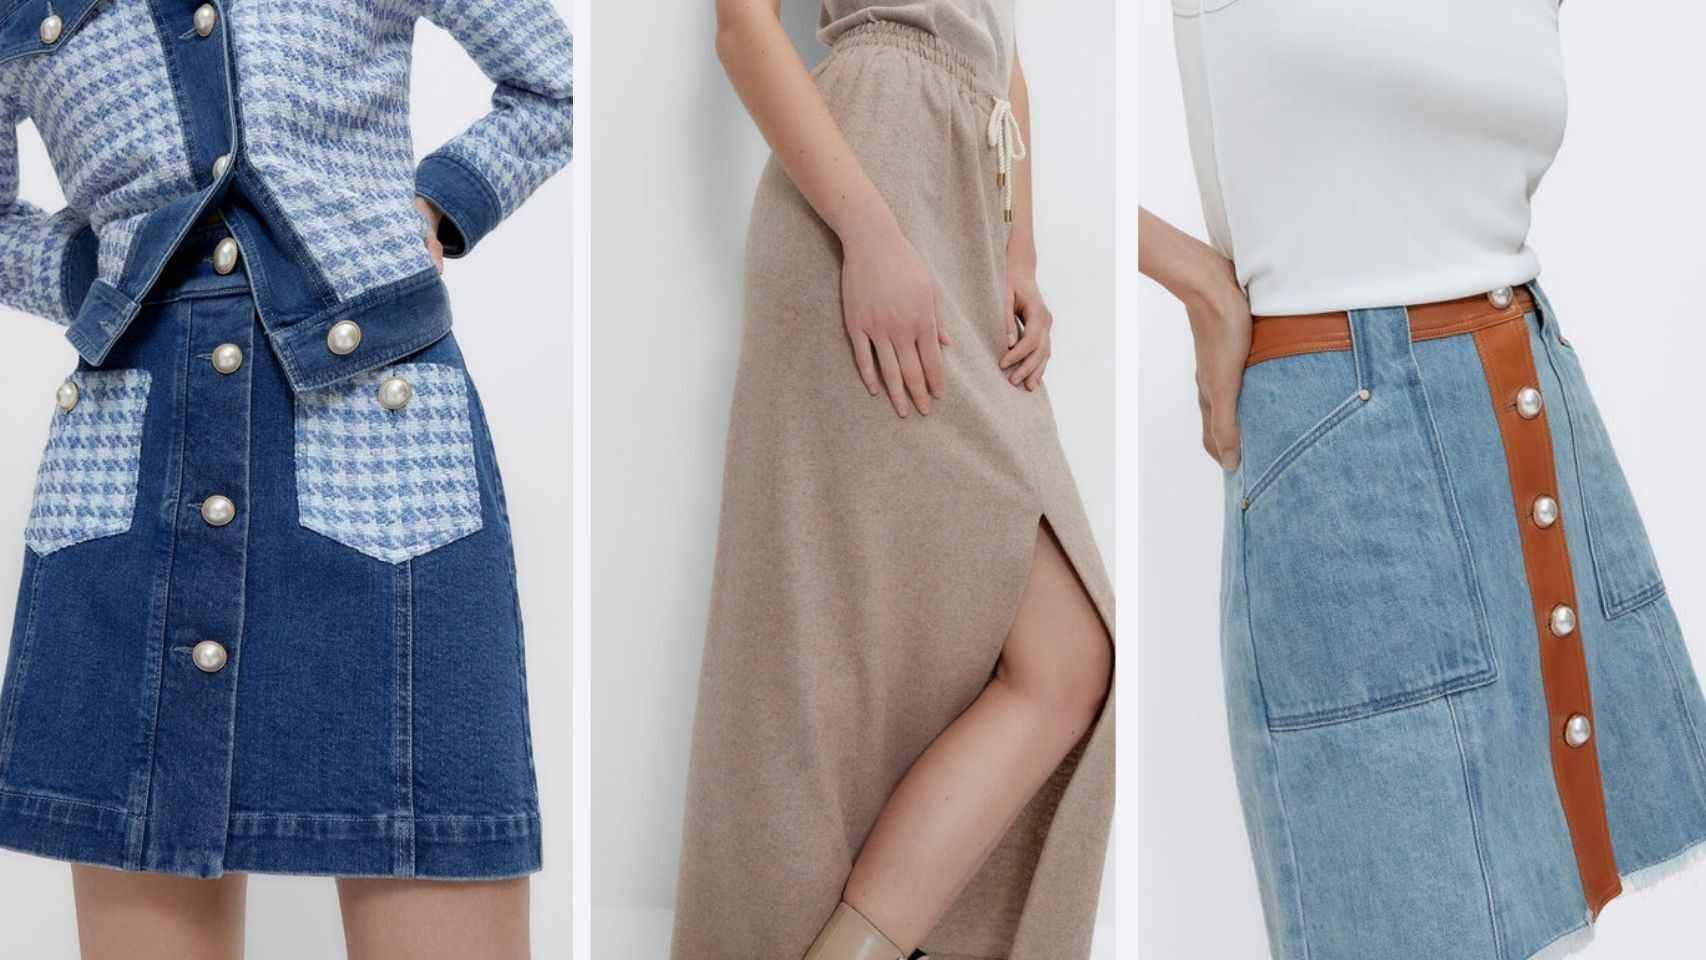 Del estilo 'denim' al 'sport': las faldas de Uterqüe que conquistarán tus 'looks'